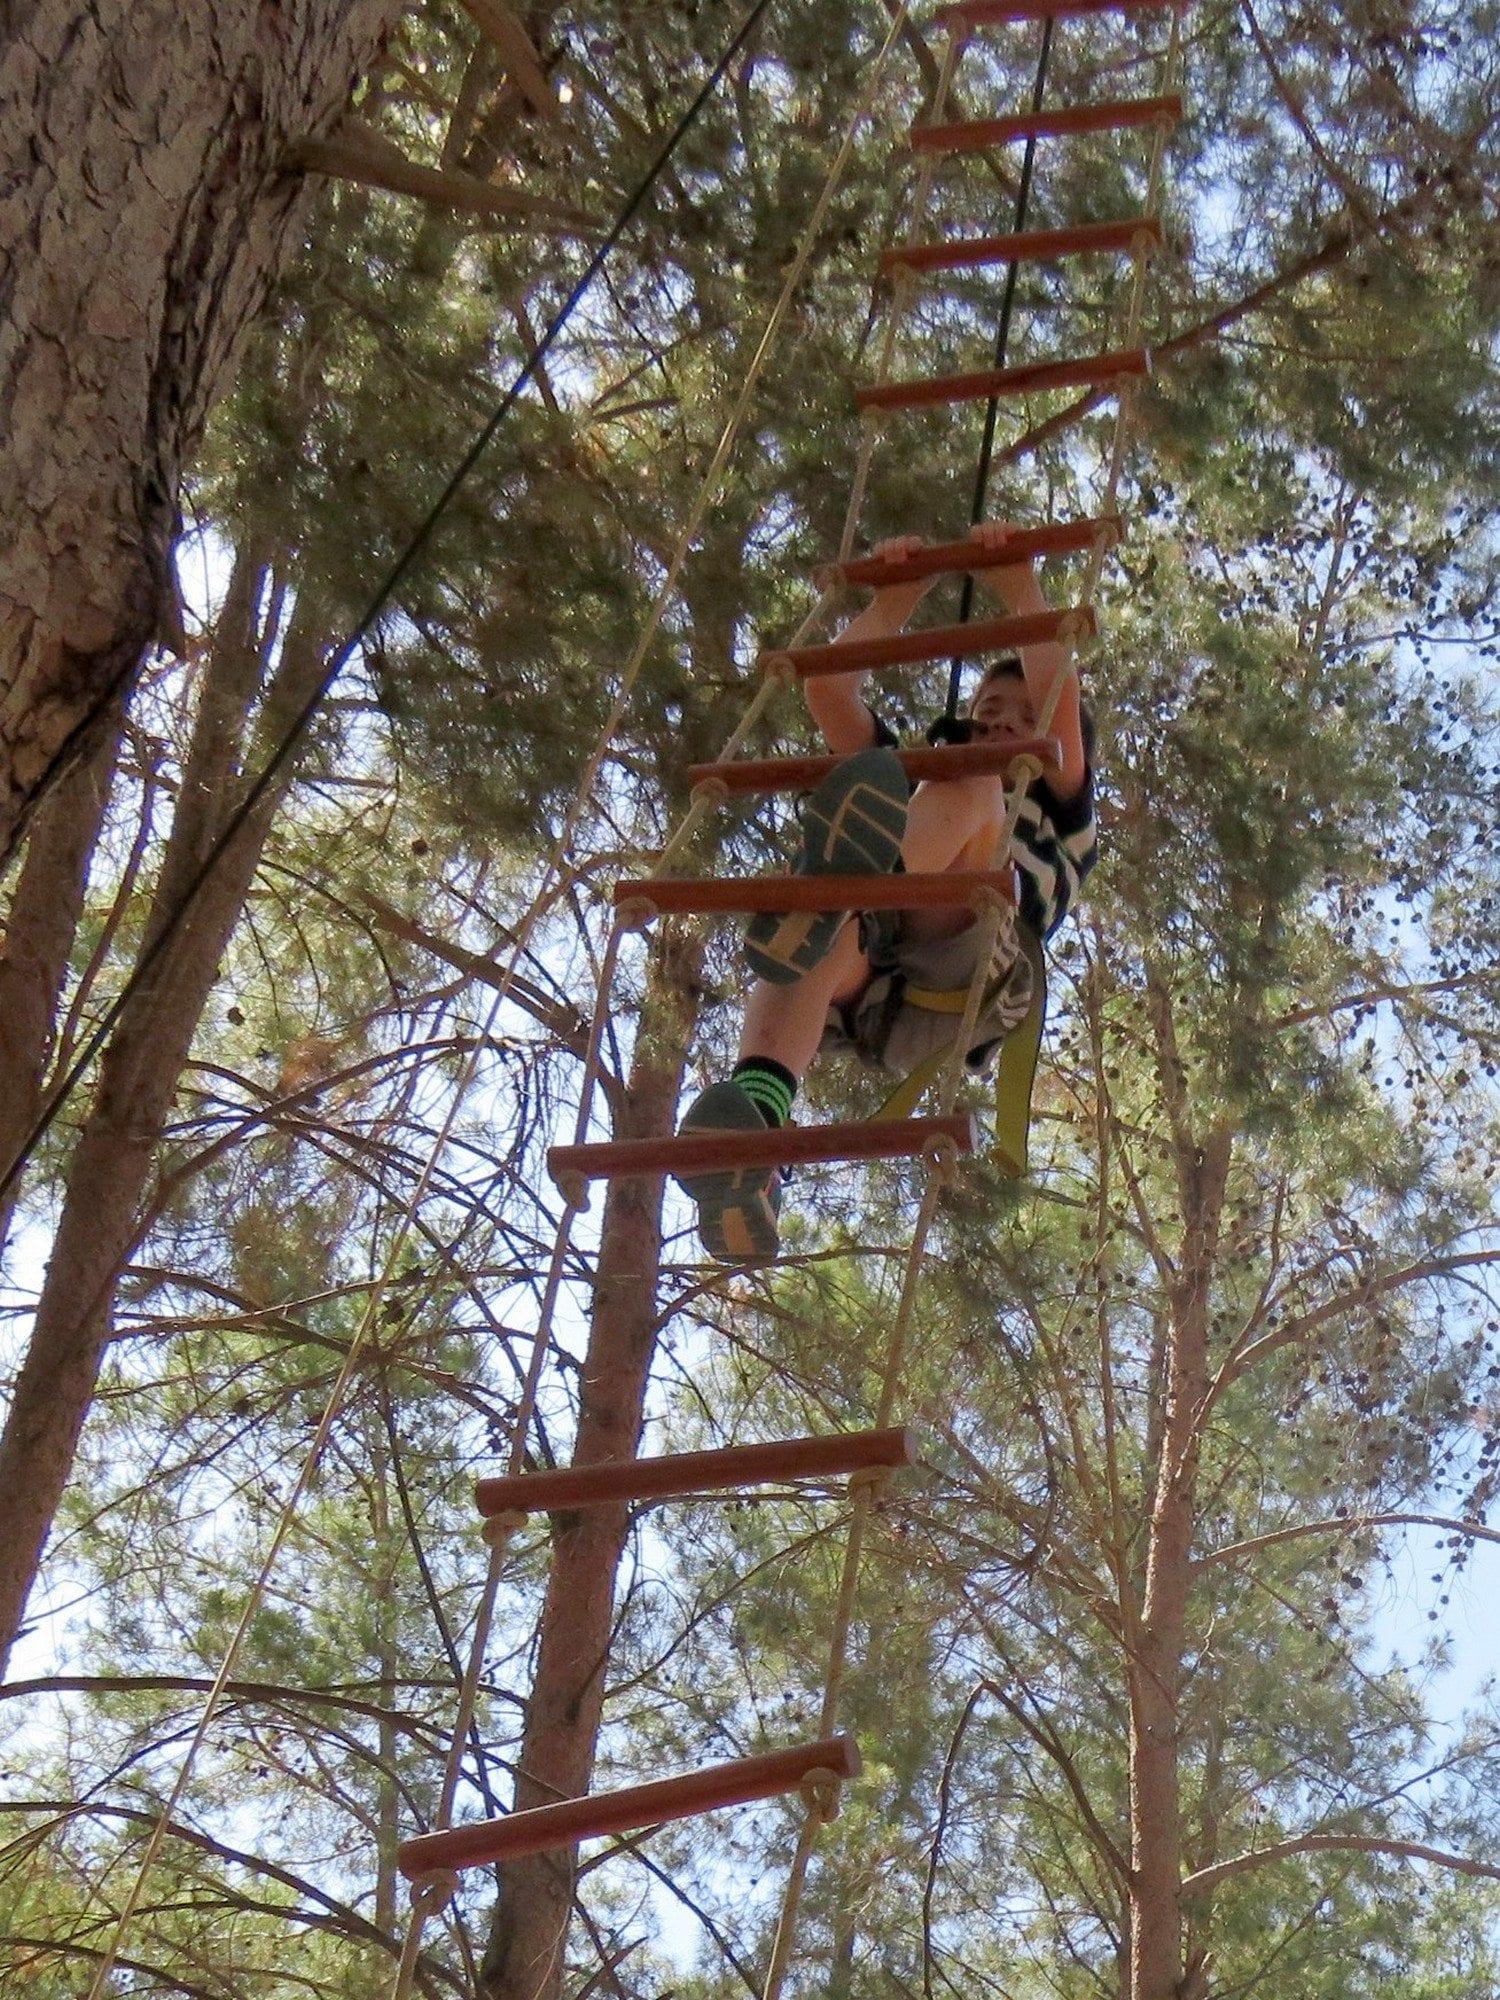 טיפוס לגובה בעזרת סולם חבלים - יום הולדת אתגרי